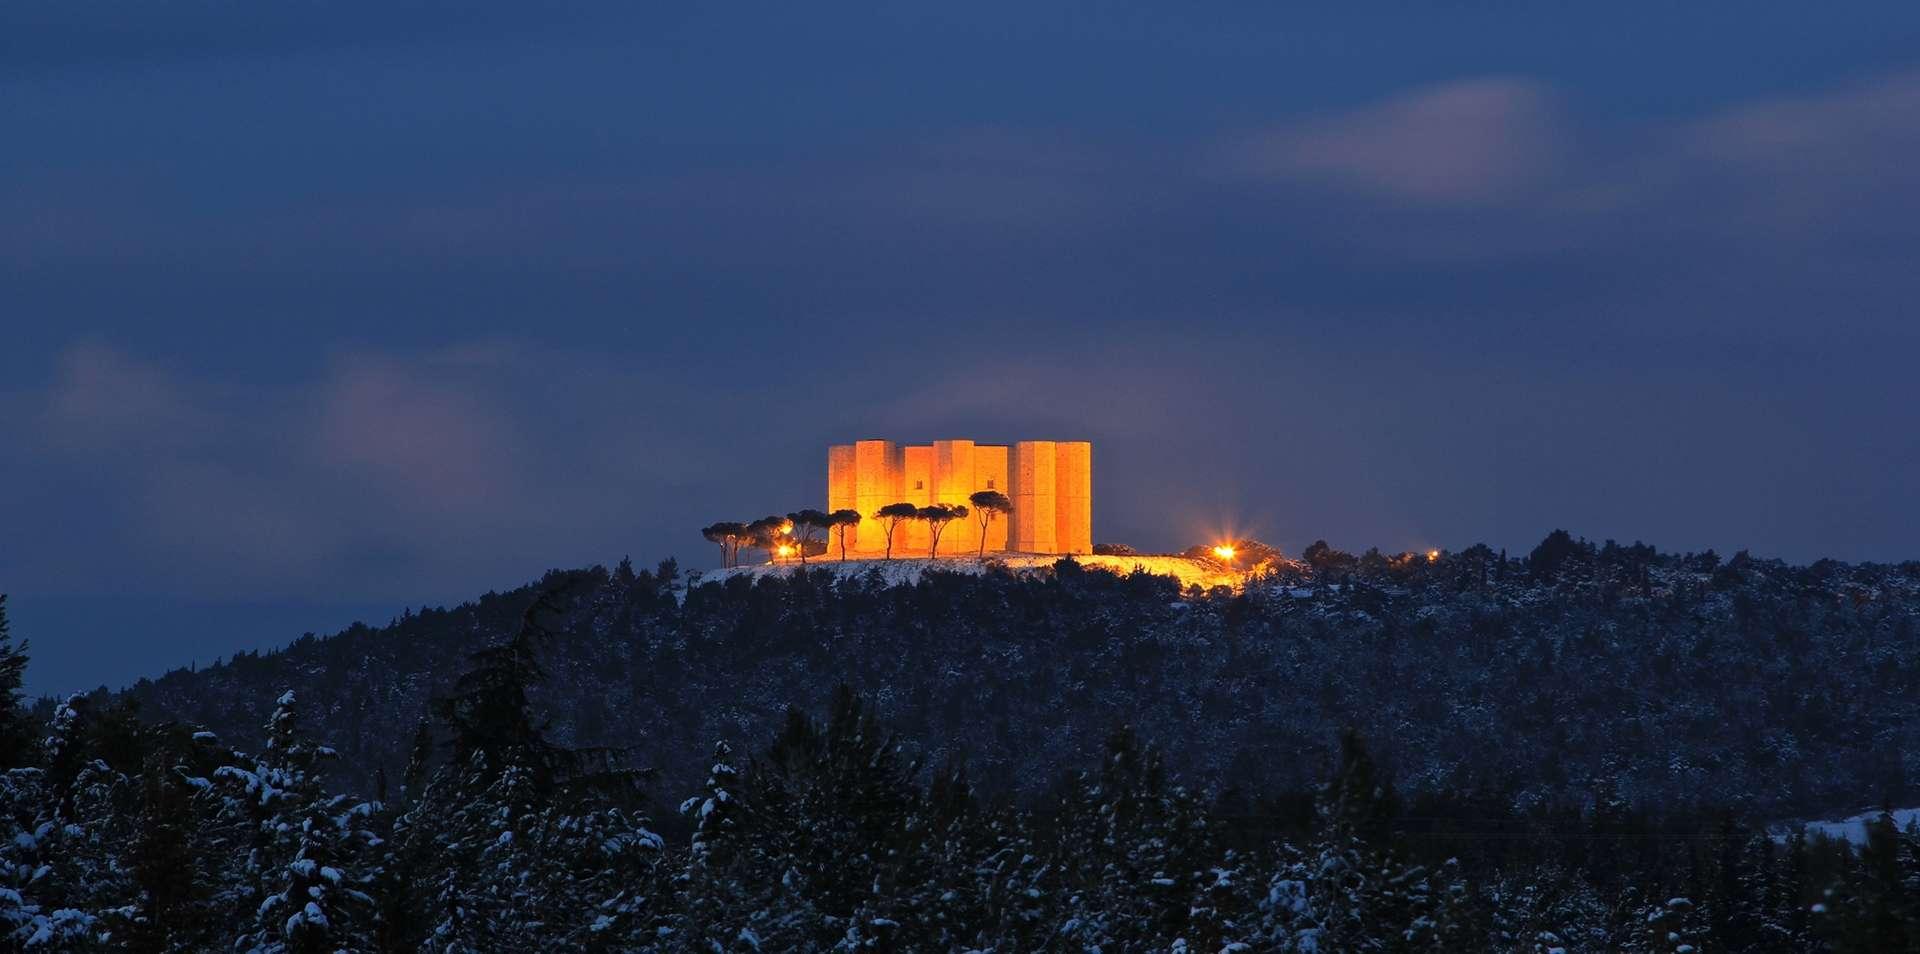 Castel del Monte Apulia zima śnieg kiedy jechać do apulii i bazylikaty